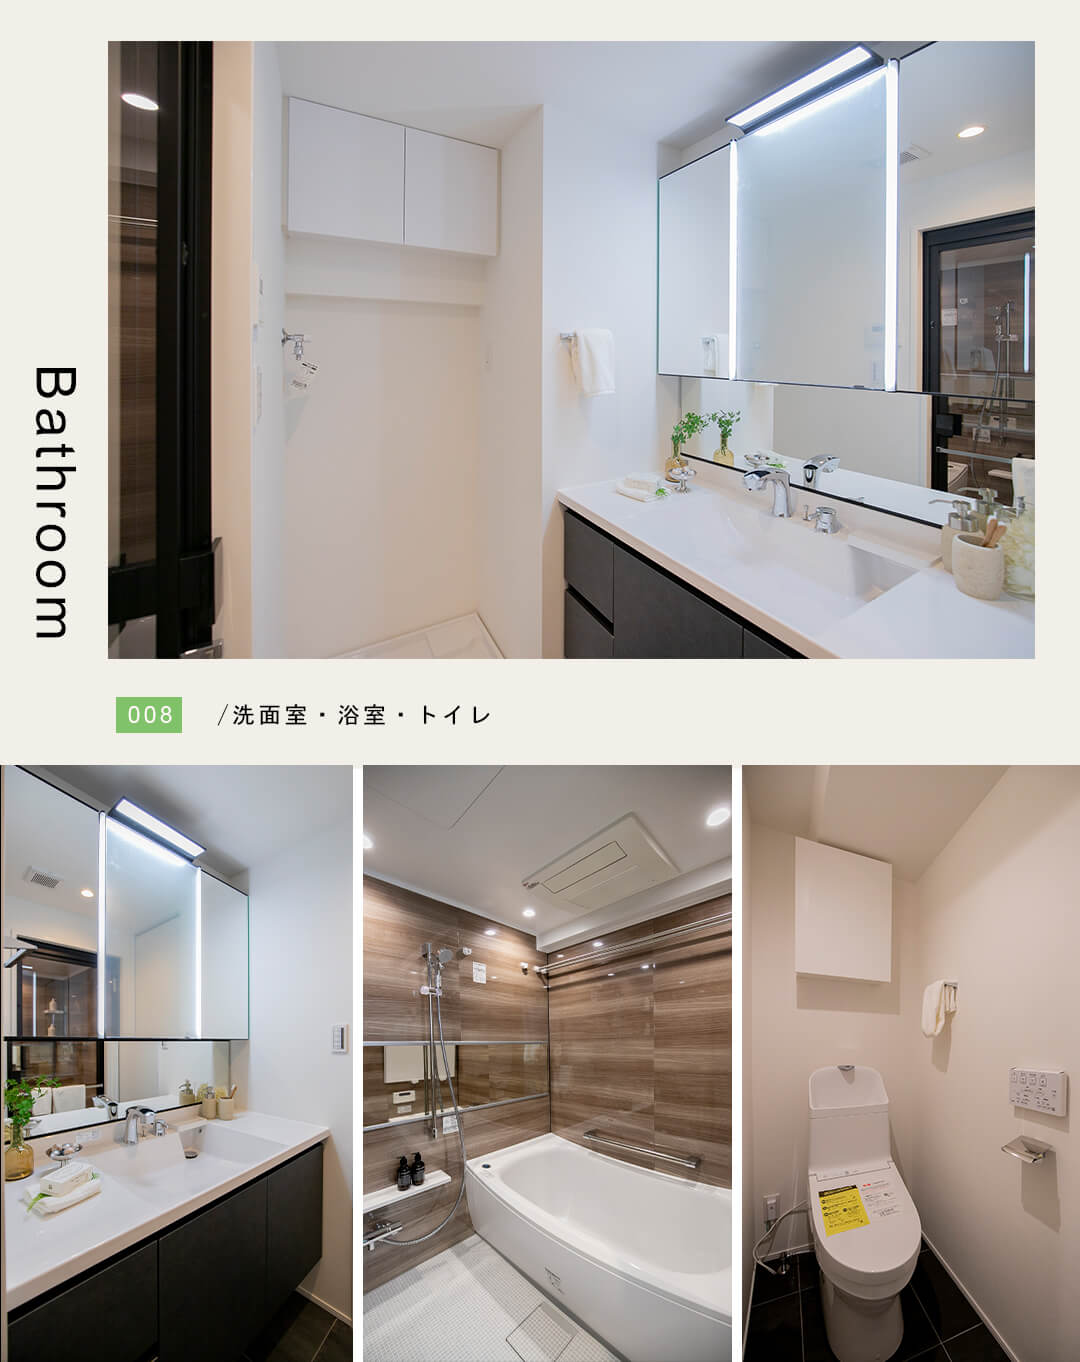 グリーンパーク東日本橋の洗面室と浴室とトイレ